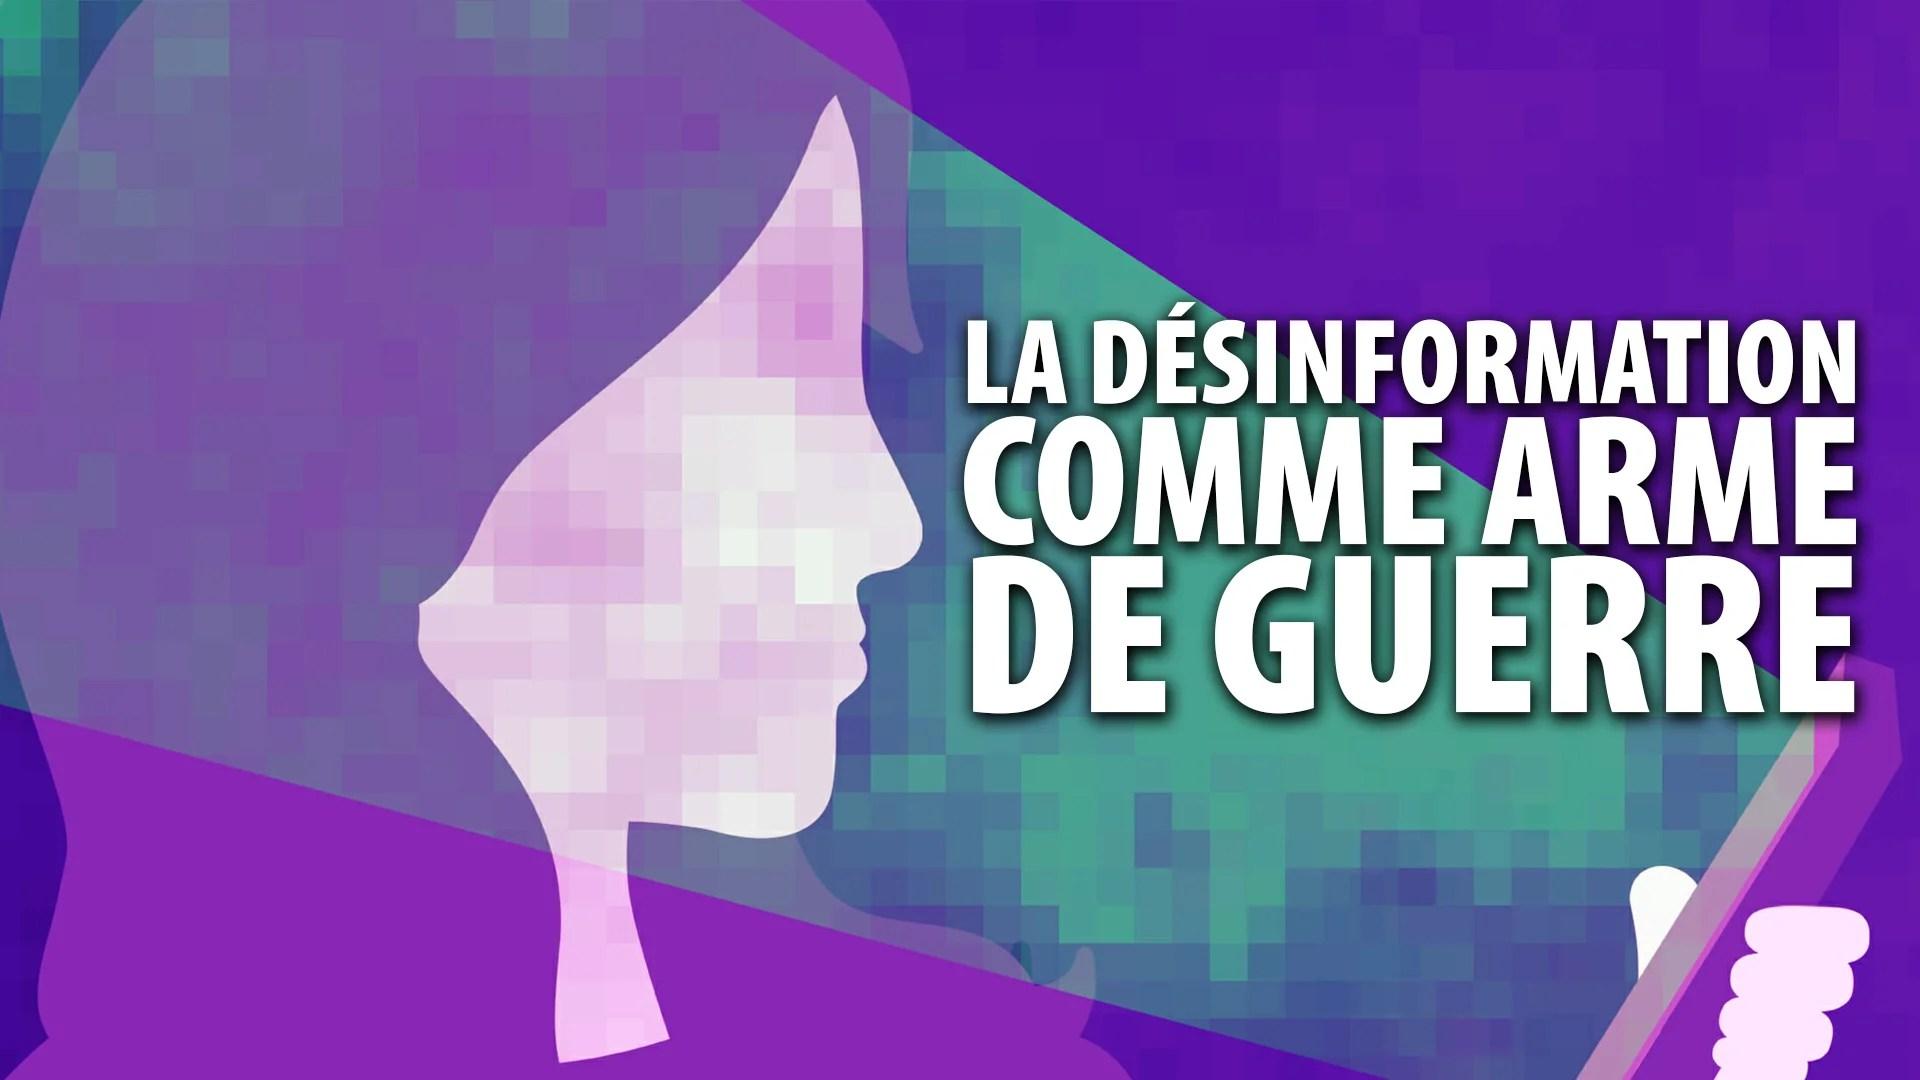 LA DÉSINFORMATION COMME ARME DE GUERRE